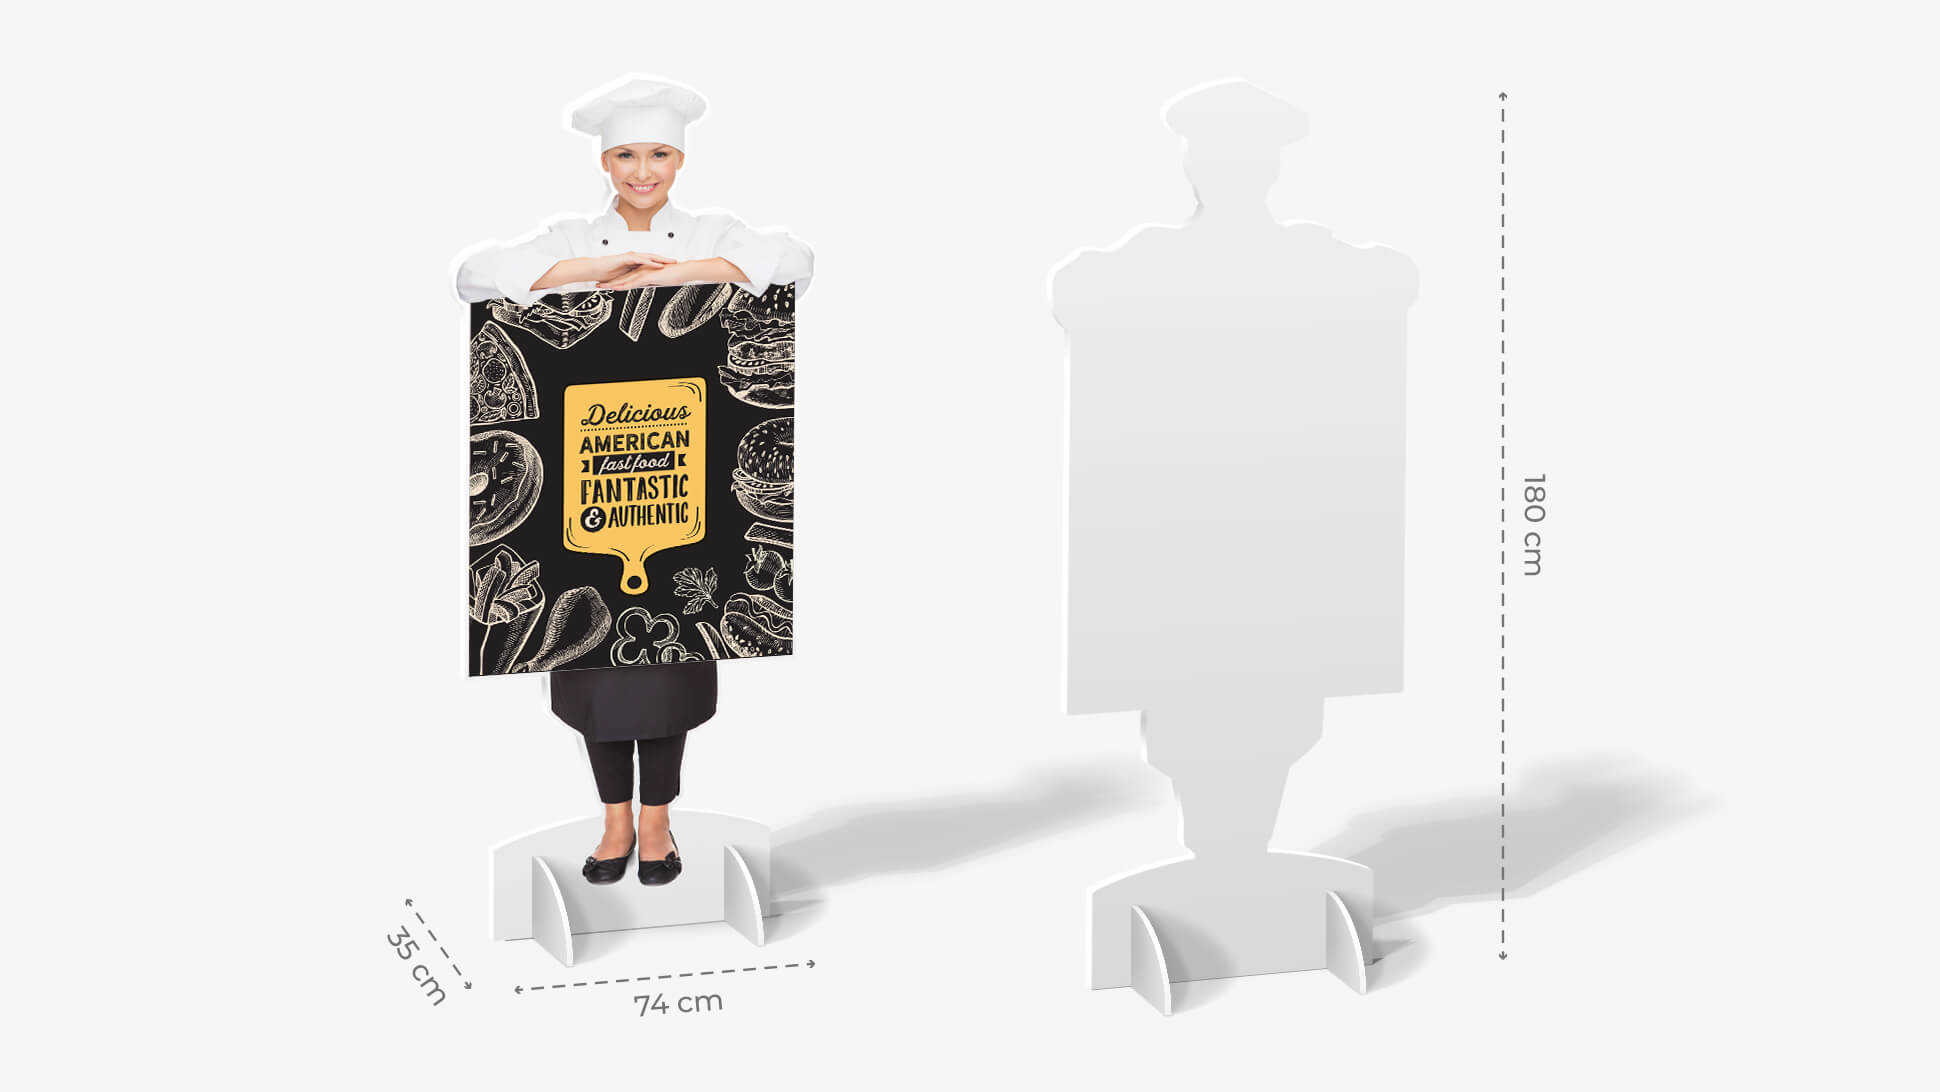 Sagome prestampate autoportanti in laminil con cuoca e grafica | tictac.it